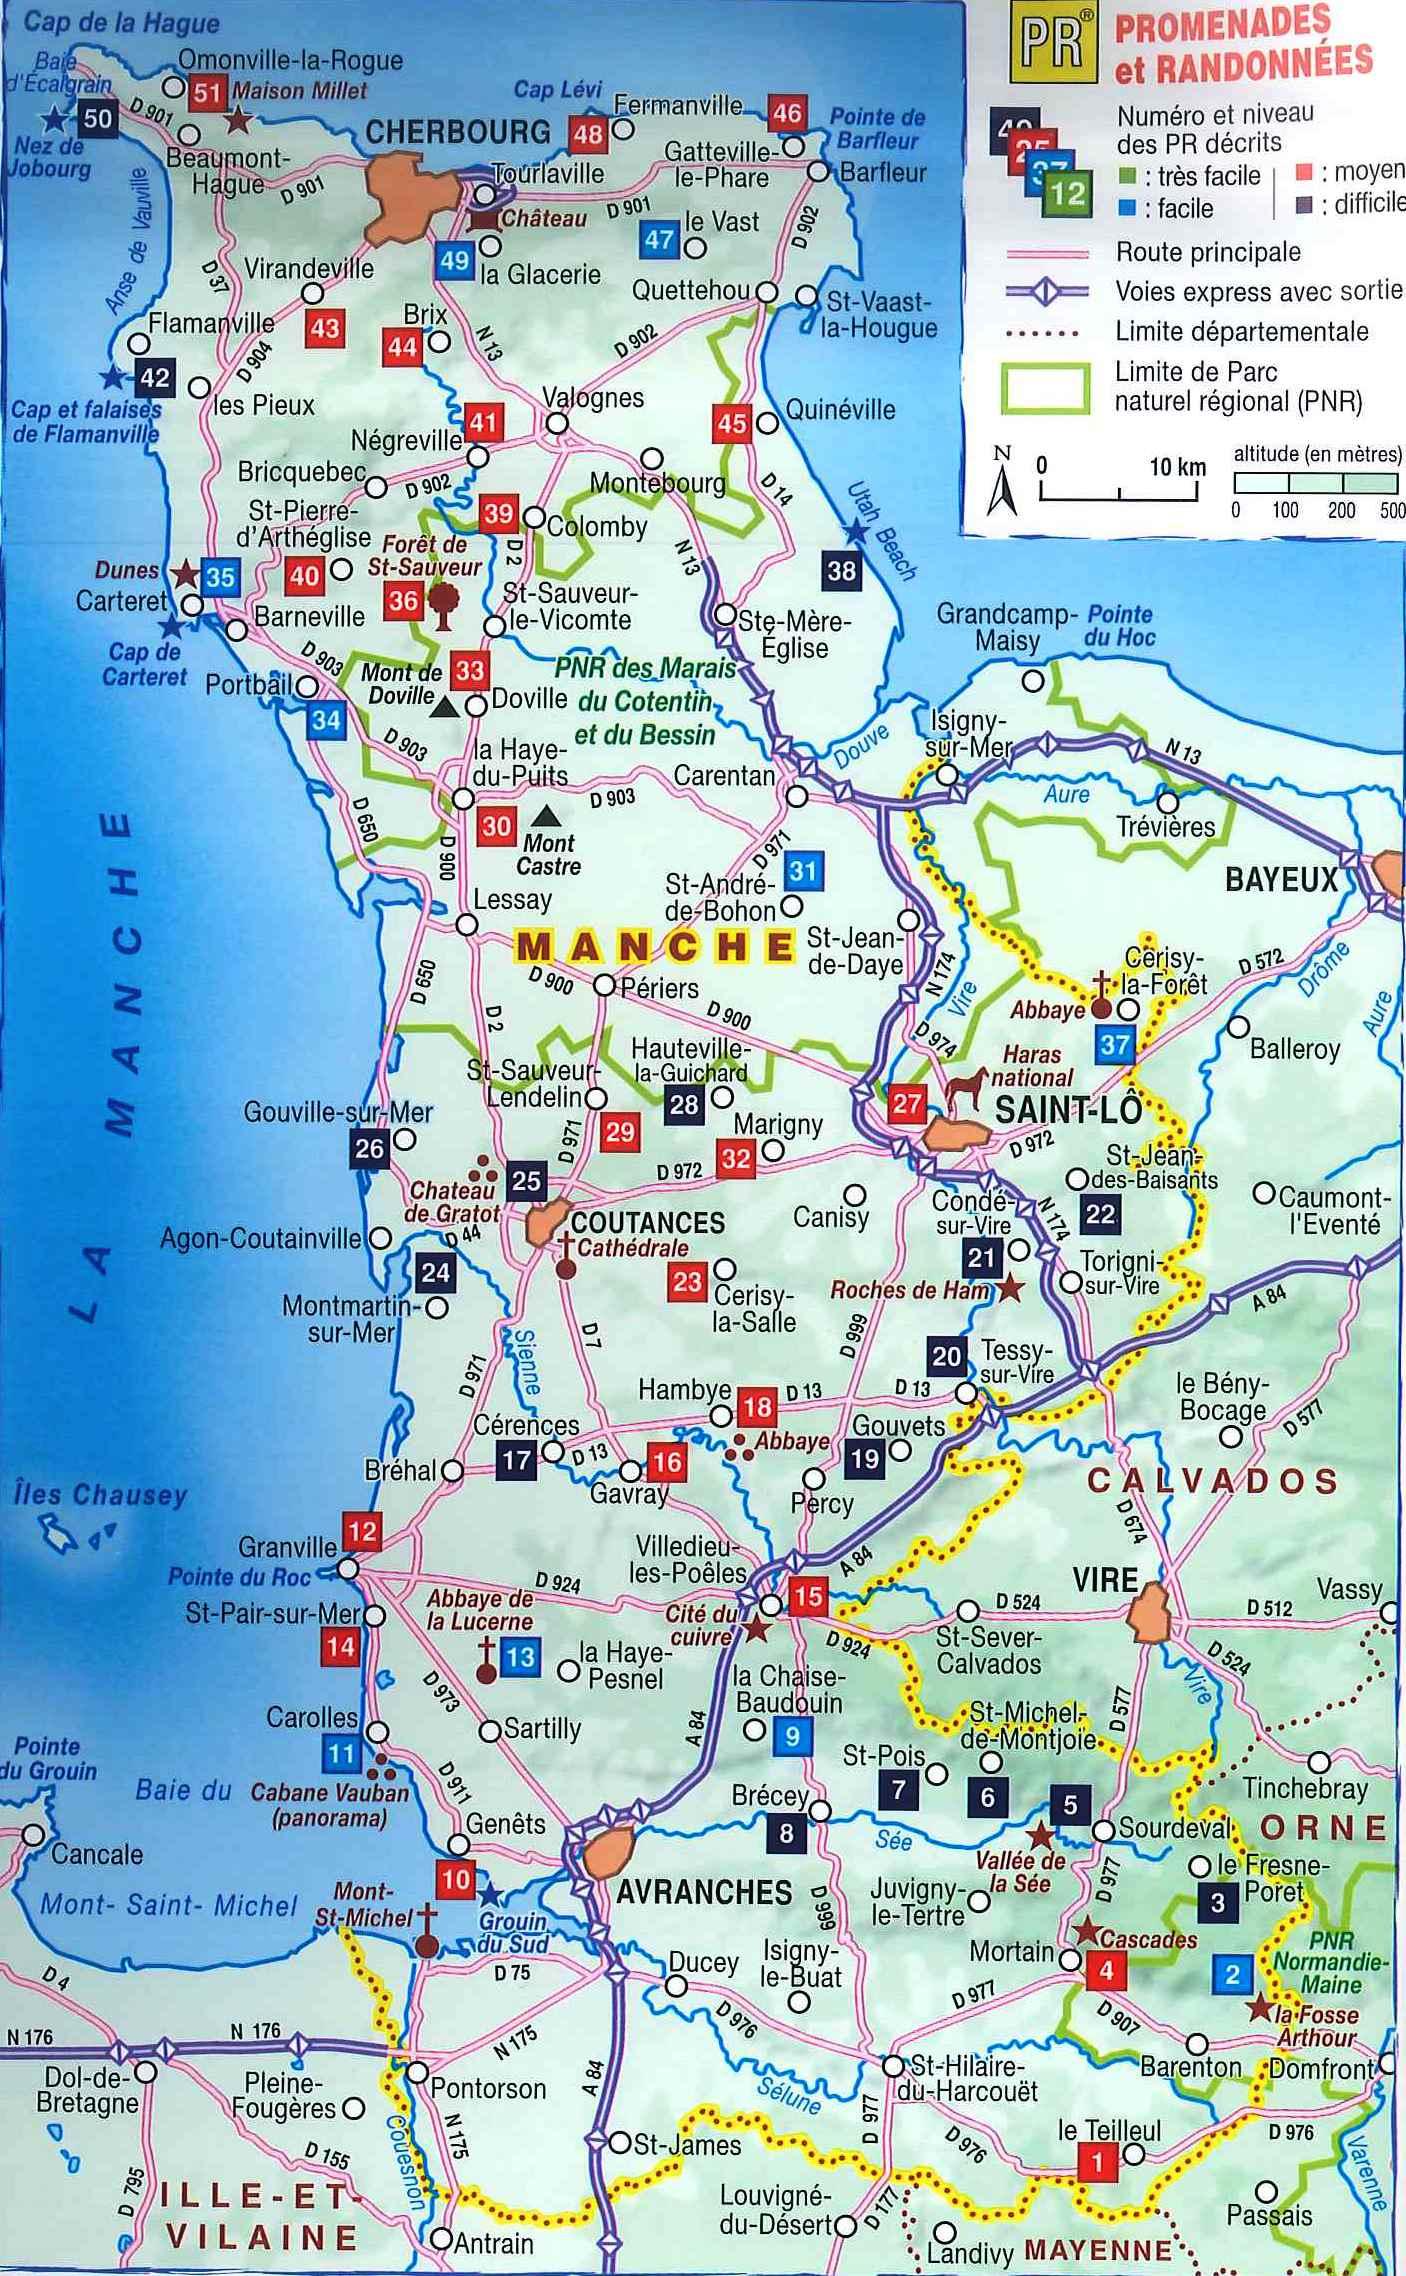 Carte de la manche manche carte des villes communes for Site touristique france